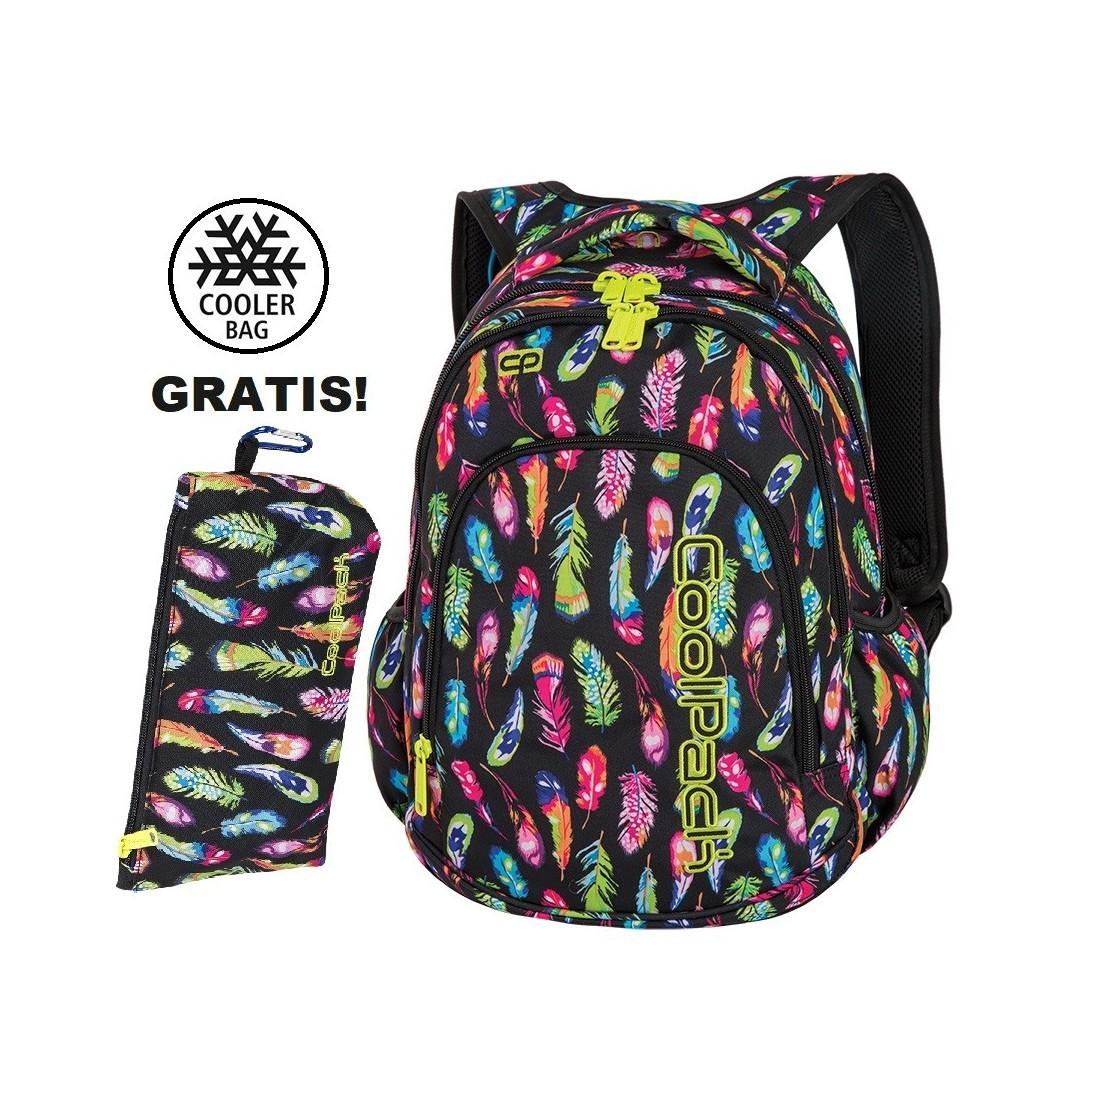 c7c2b6f0c0dd8 Plecak do klas 1-3 CoolPack CP PRIME FEATHERS w kolorowe piórka dla  dziewczynki -